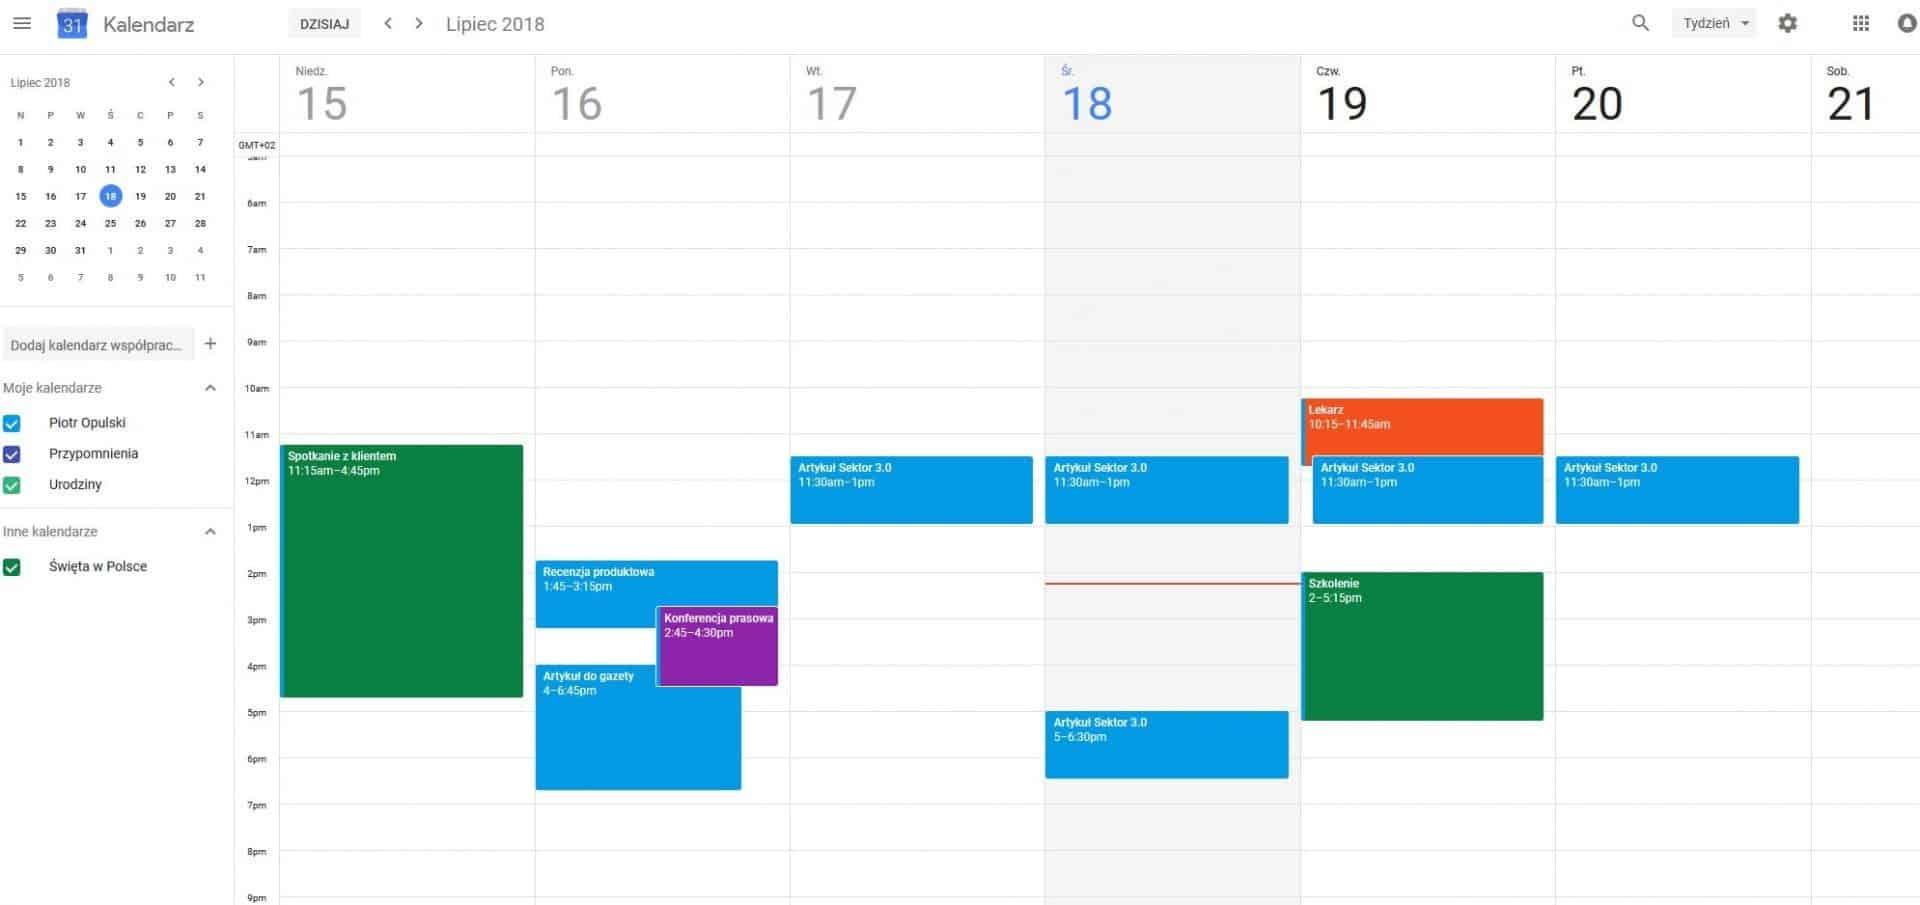 Wirtualny-kalendarz-google